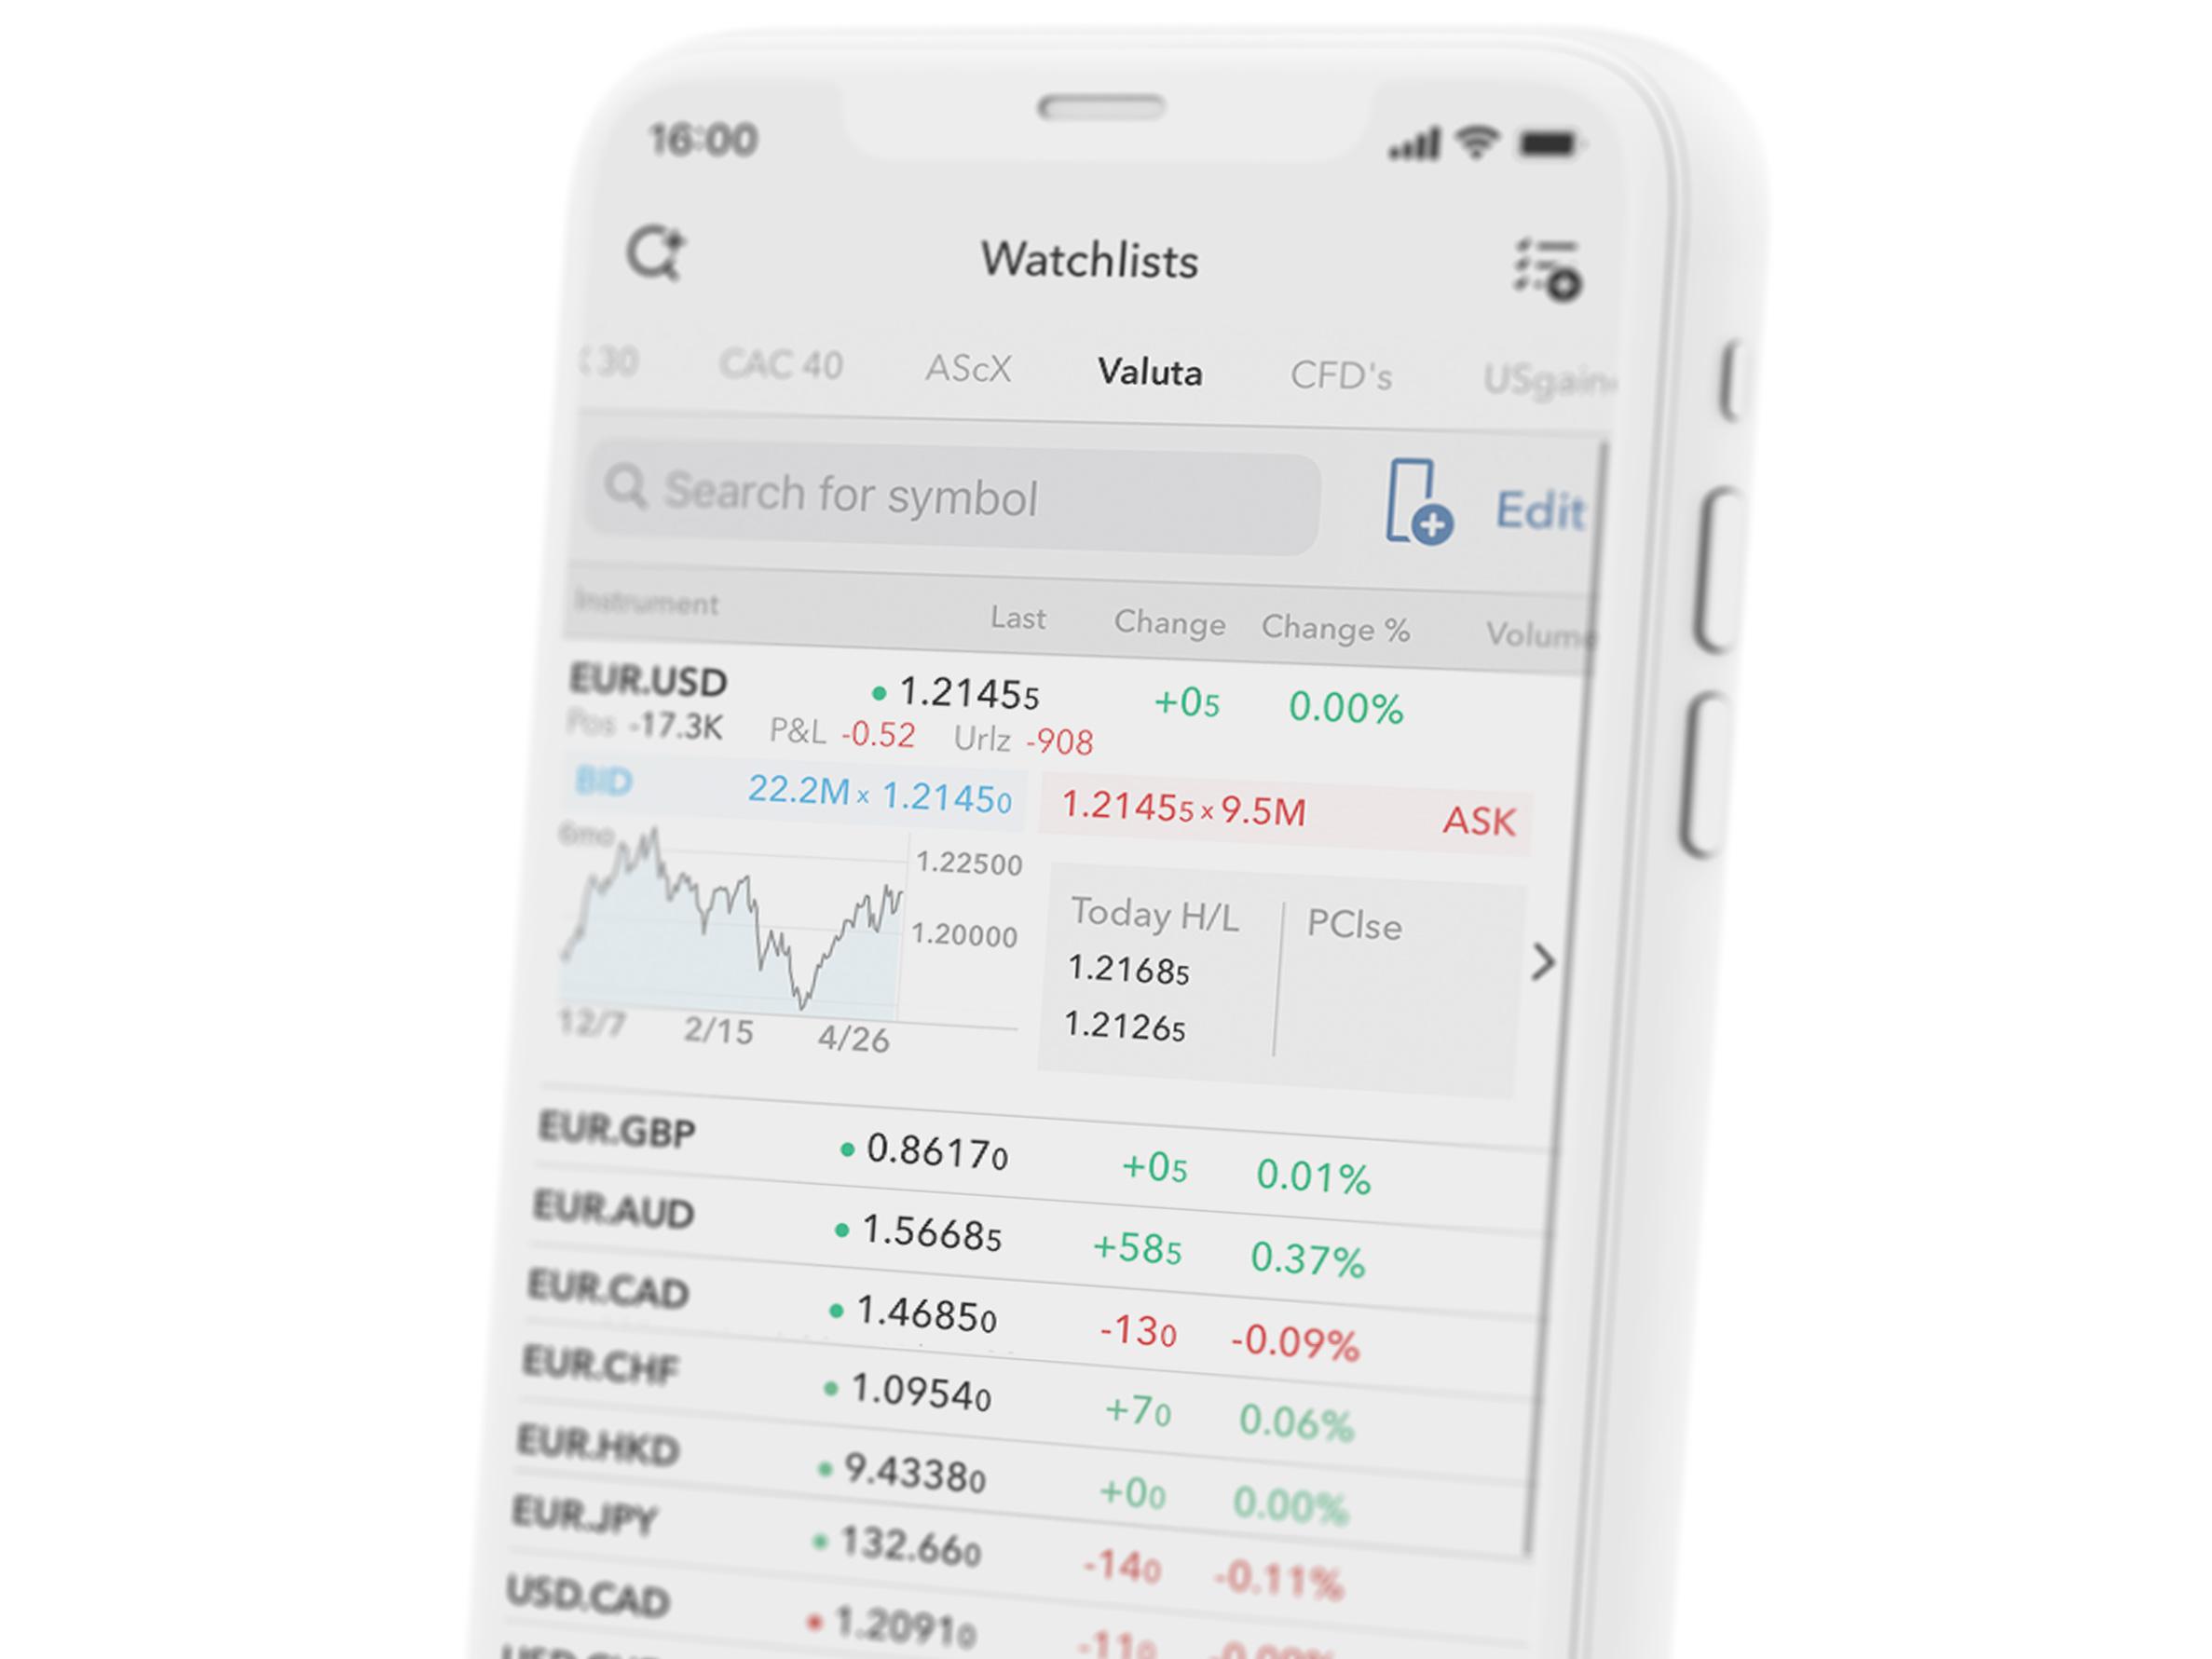 Urządzenie mobilne z otwartą aplikacją biznesową z parami walutowymi